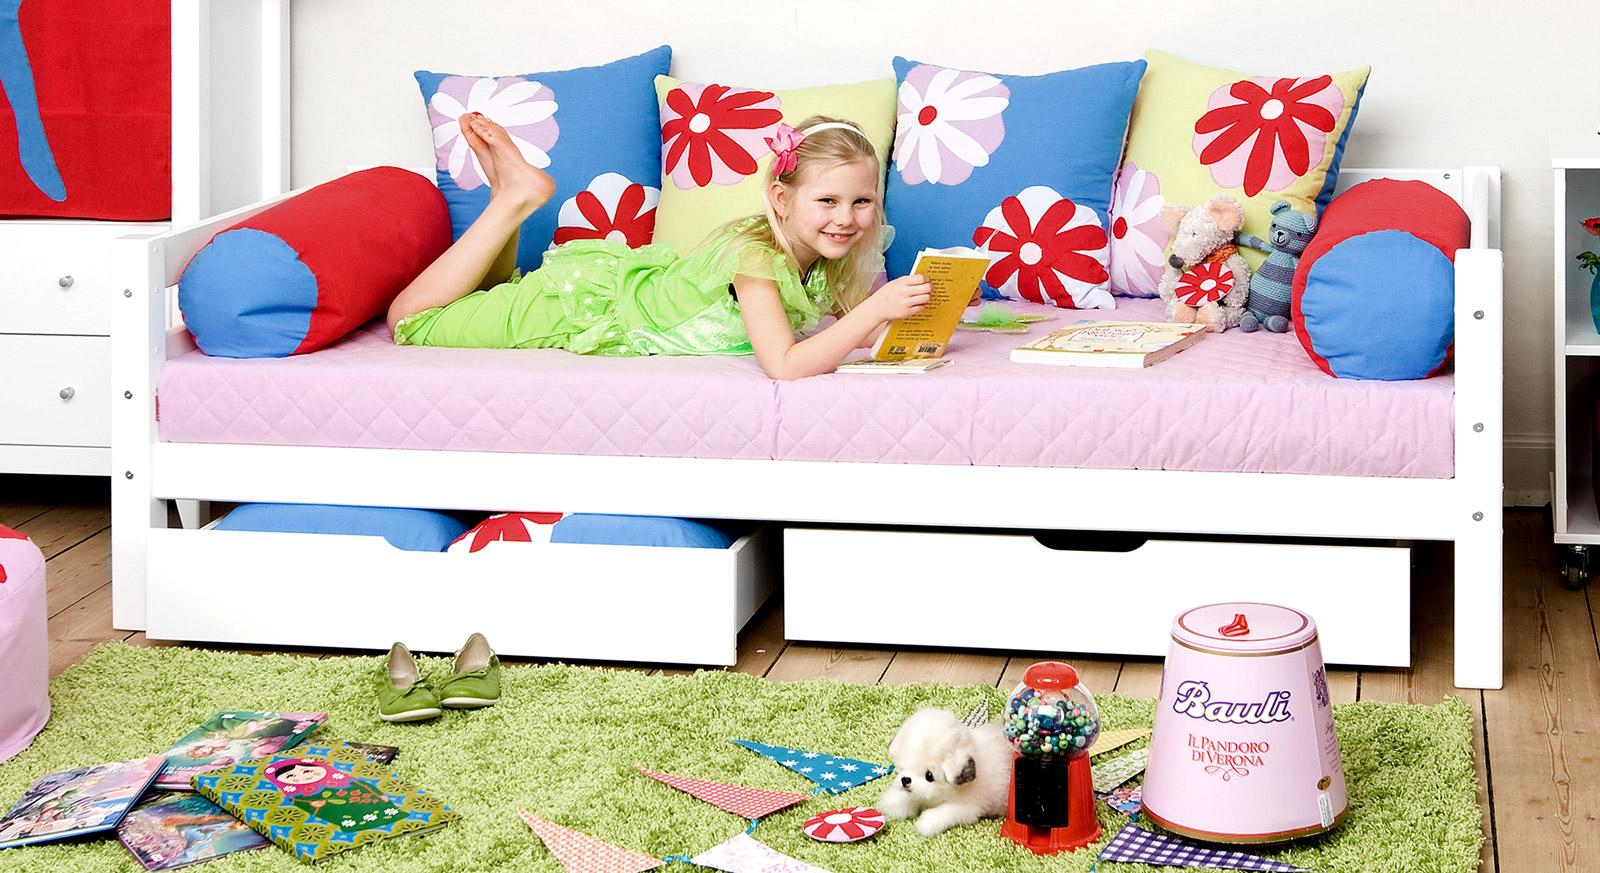 Full Size of Coole Kinderbetten Test Und Vergleich 2020 Auf Bettenat Betten T Shirt Sprüche T Shirt Wohnzimmer Coole Kinderbetten